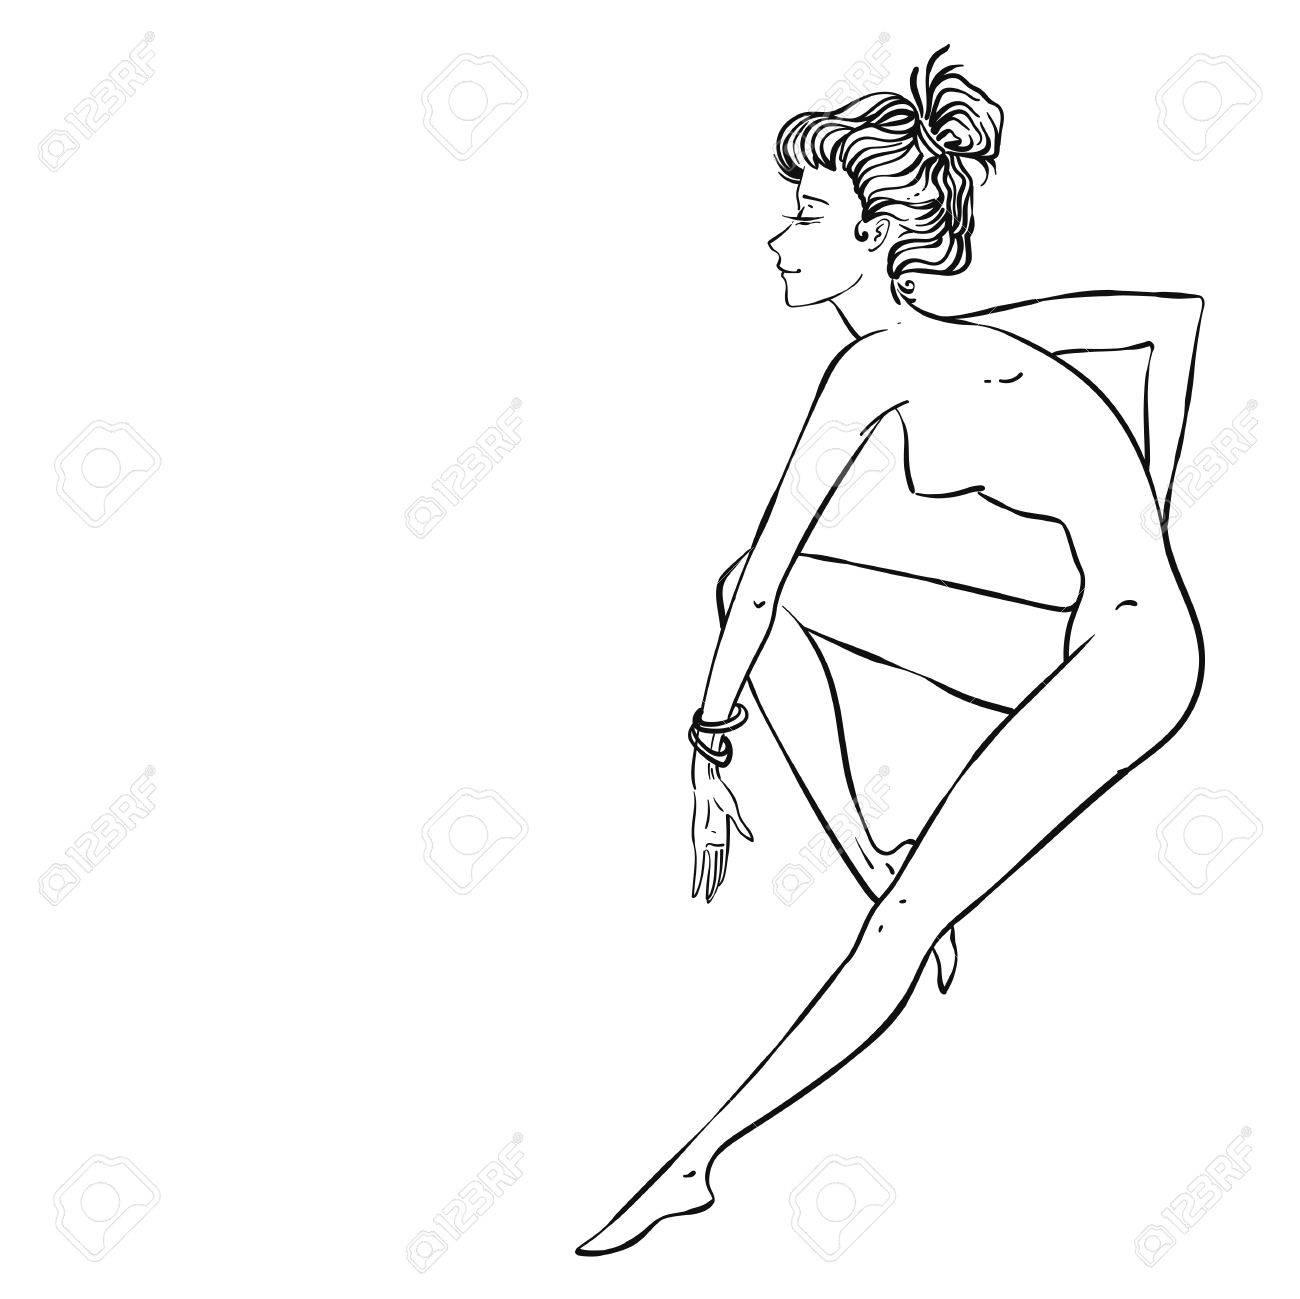 Vektor Sexy Schöne Pin-up-Mädchen Sitzen Oder Tanzen, Passende ...